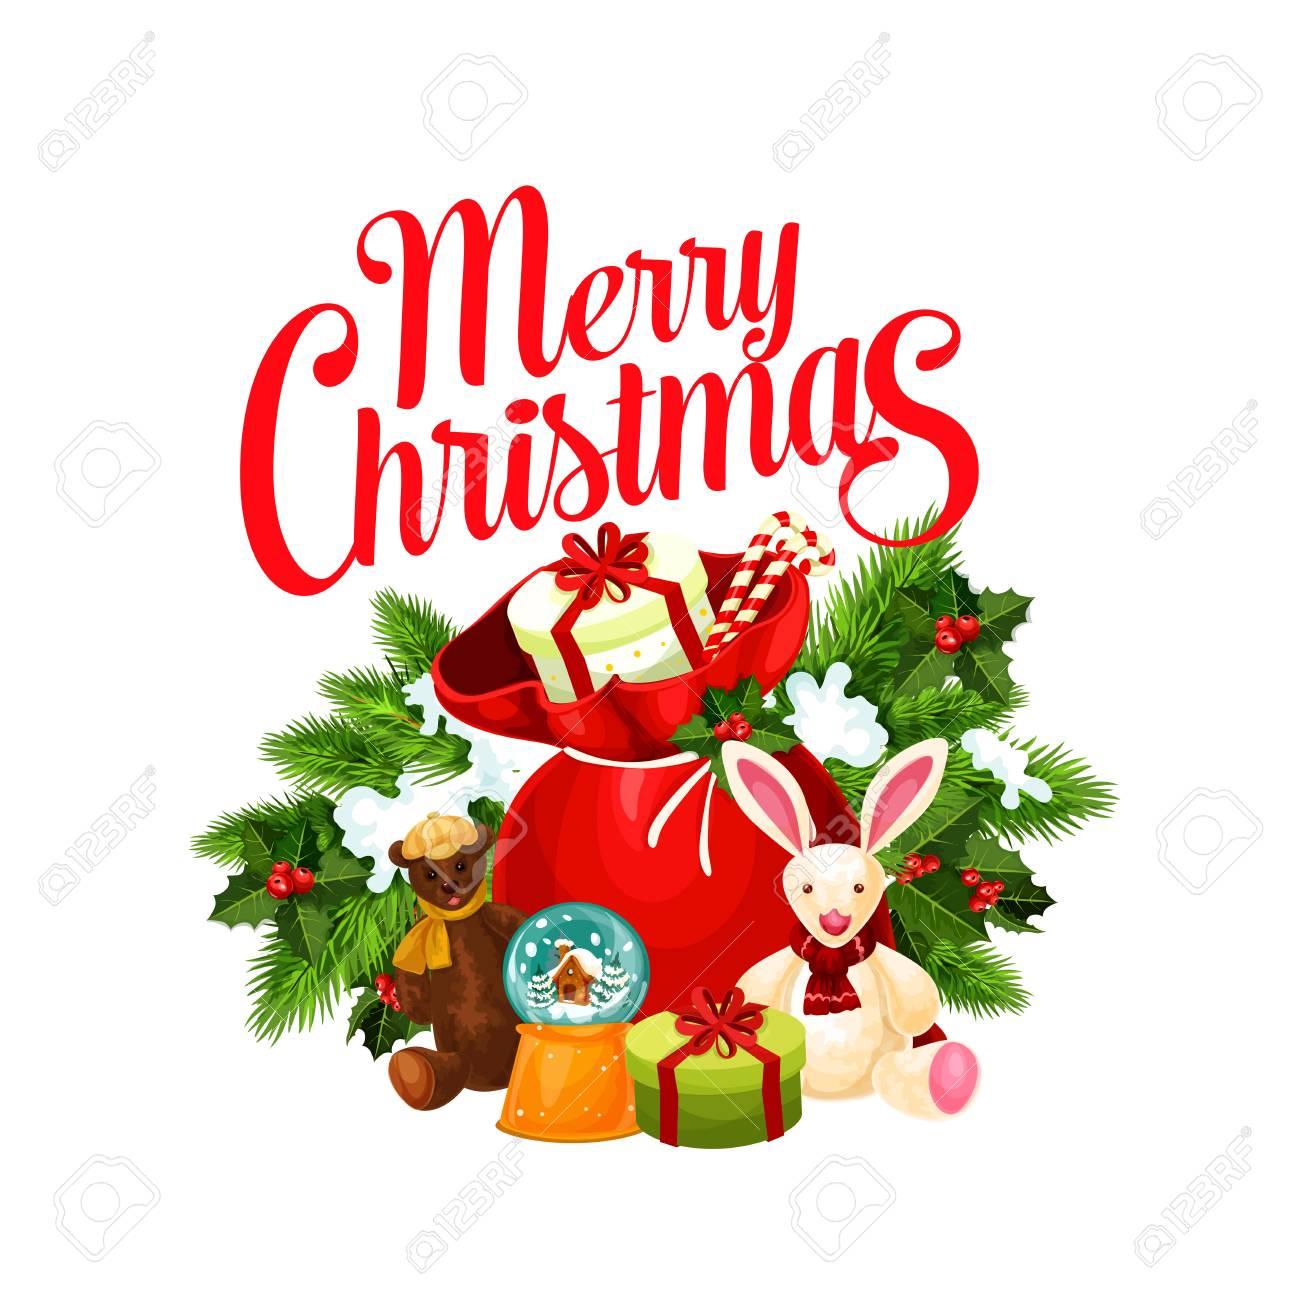 Souhait De Joyeux Noel Icône De Souhait Joyeux Noël Pour Carte De Voeux Joyeuses Fêtes